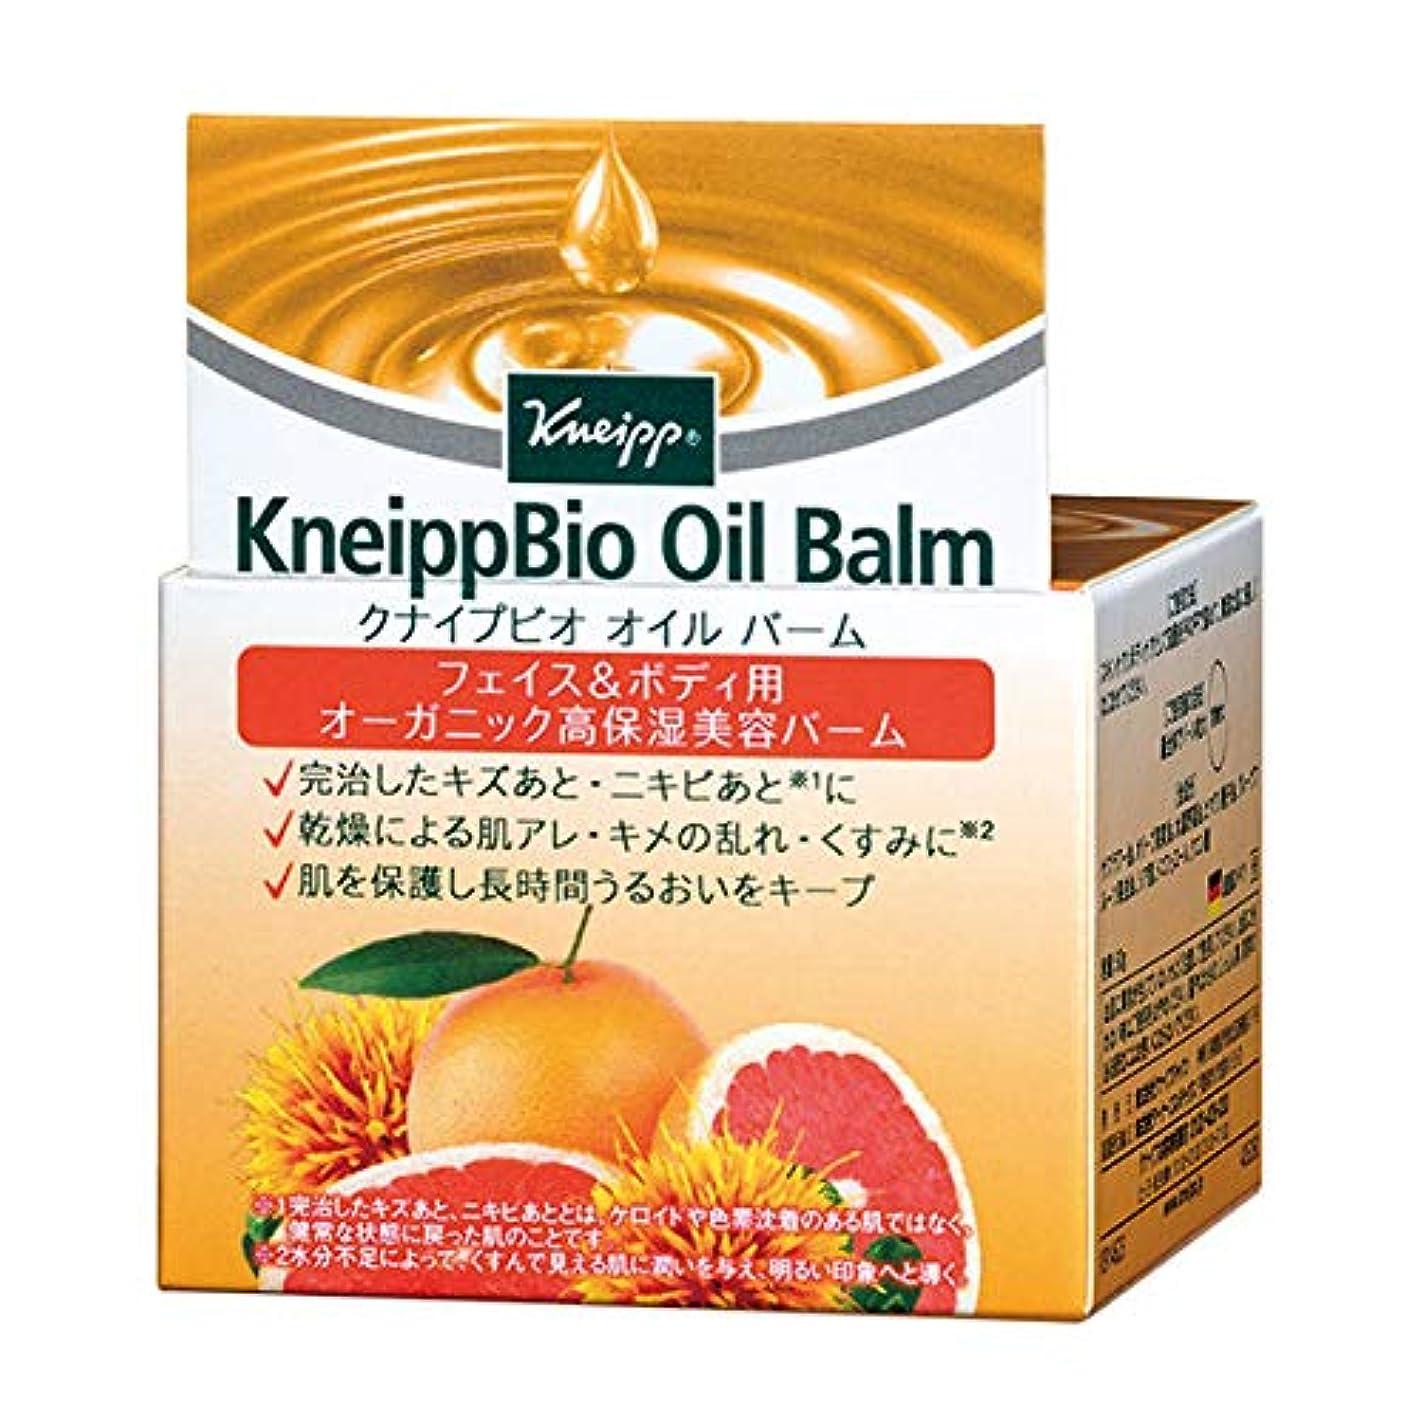 半島欺く座標クナイプ(Kneipp) クナイプビオ オイル バーム 50g 美容液